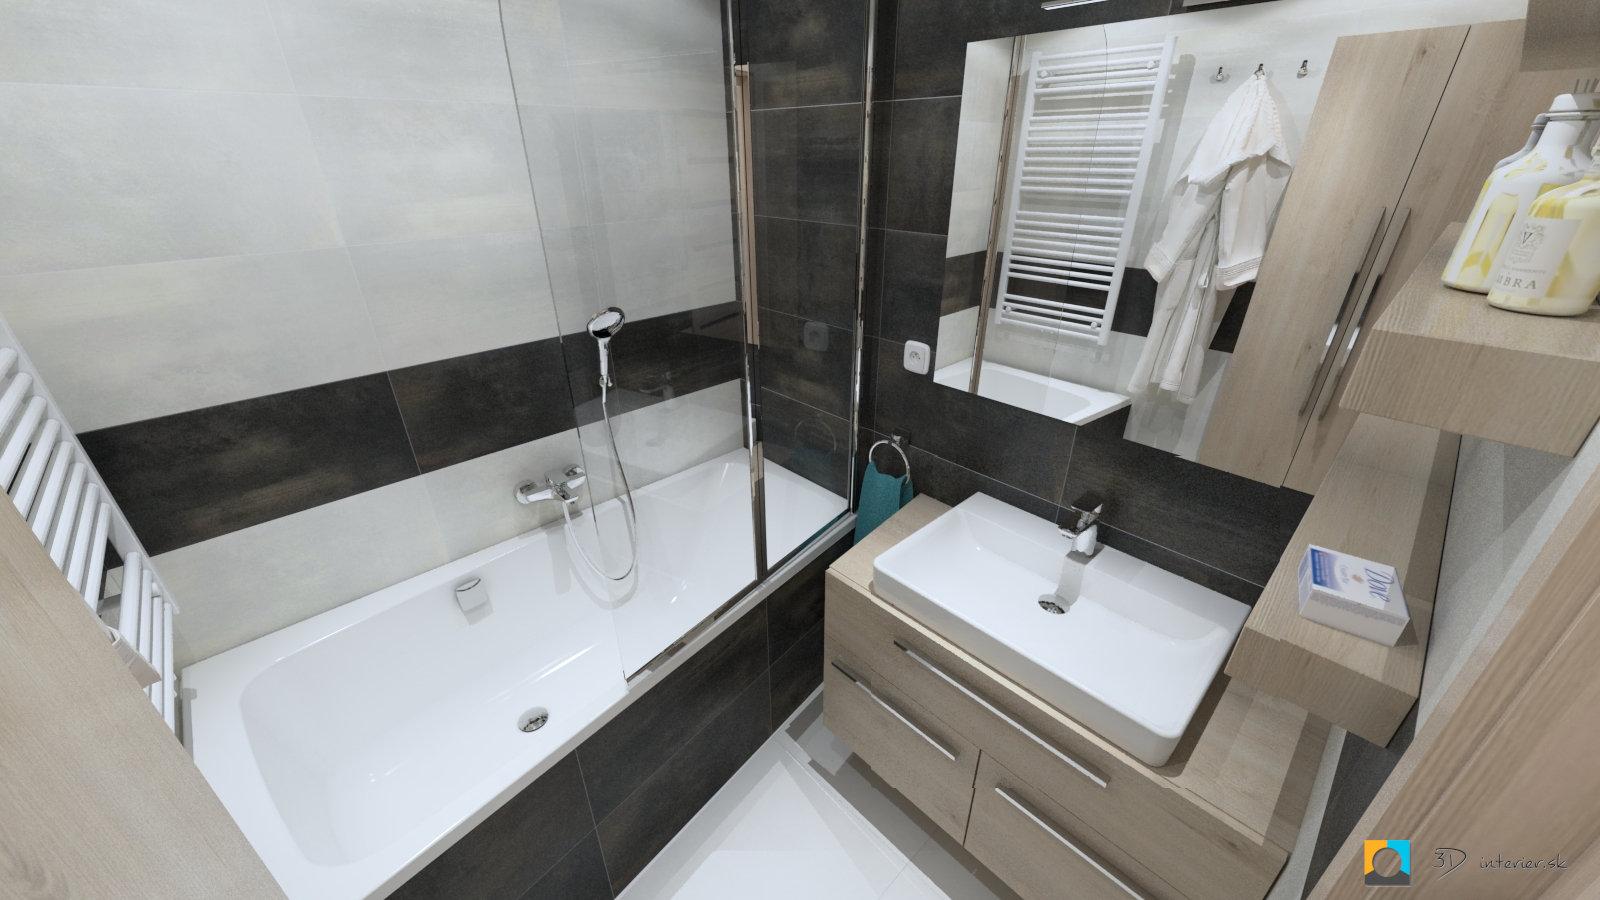 Malá kúpeľňa v byte